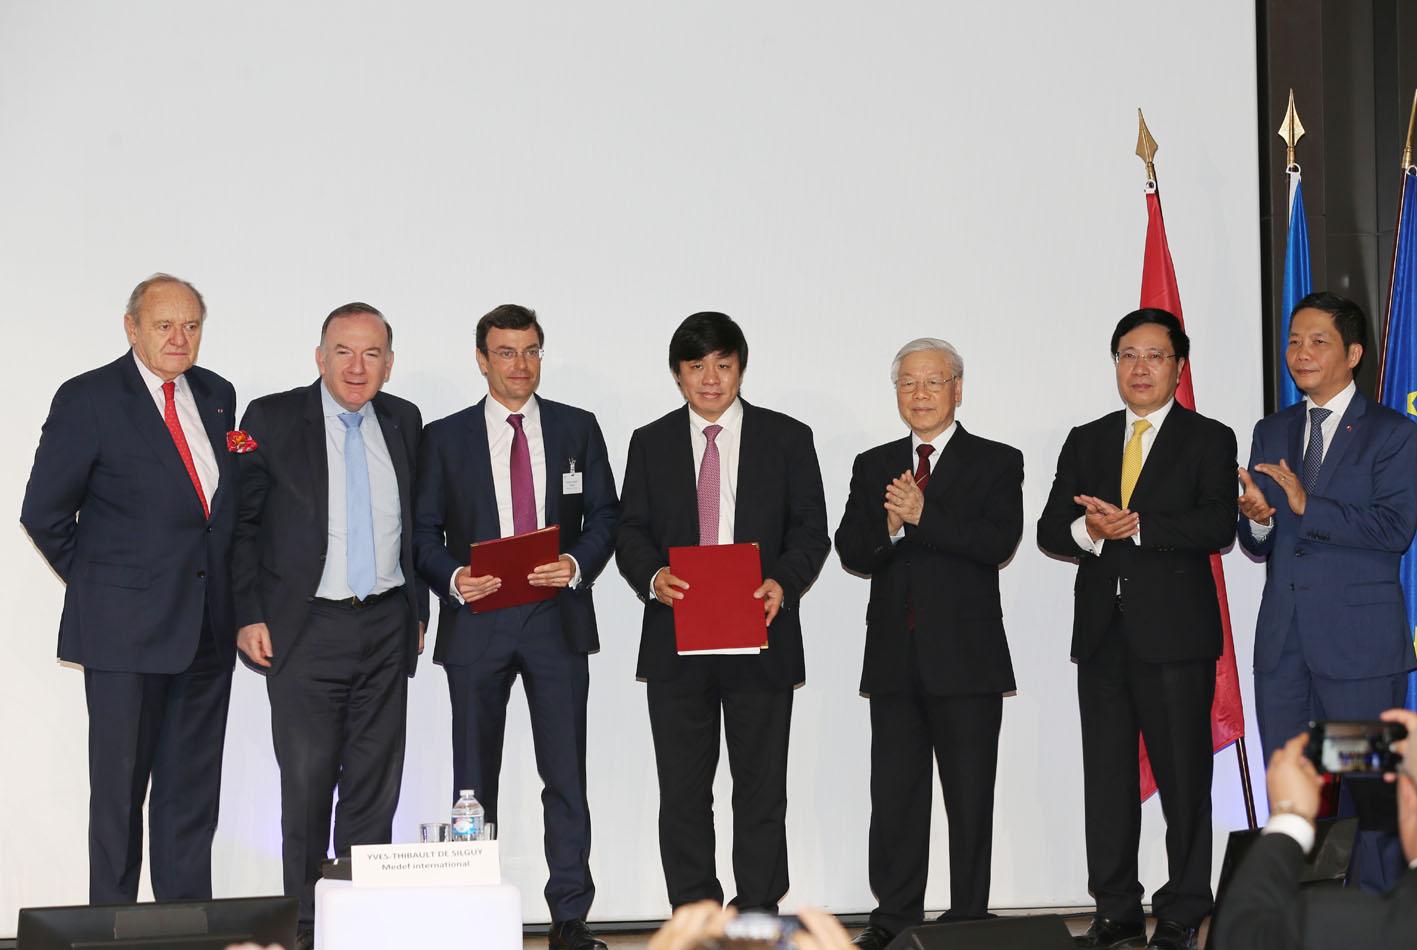 Vietjet ký các Hợp đồng, Thoả thuận trị giá 7,3 tỉ đô la Mỹ trong chuyến thăm chính thức Pháp của Tổng Bí thư Nguyễn Phú Trọng - Ảnh 1